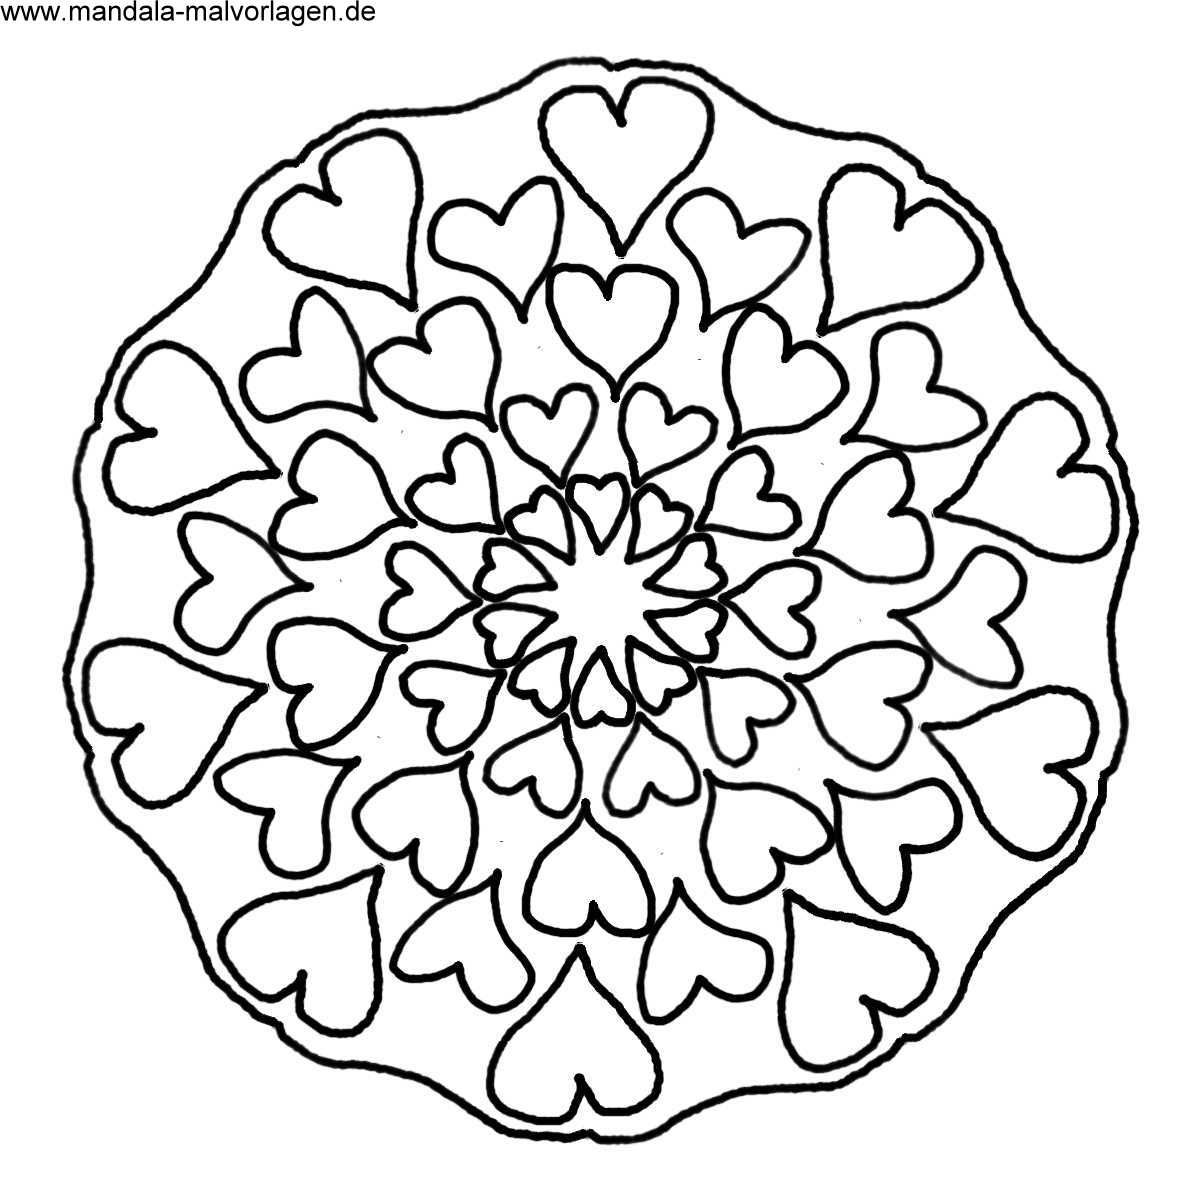 Free Mandala Herzen Malvorlage zum ausdrucken basteln